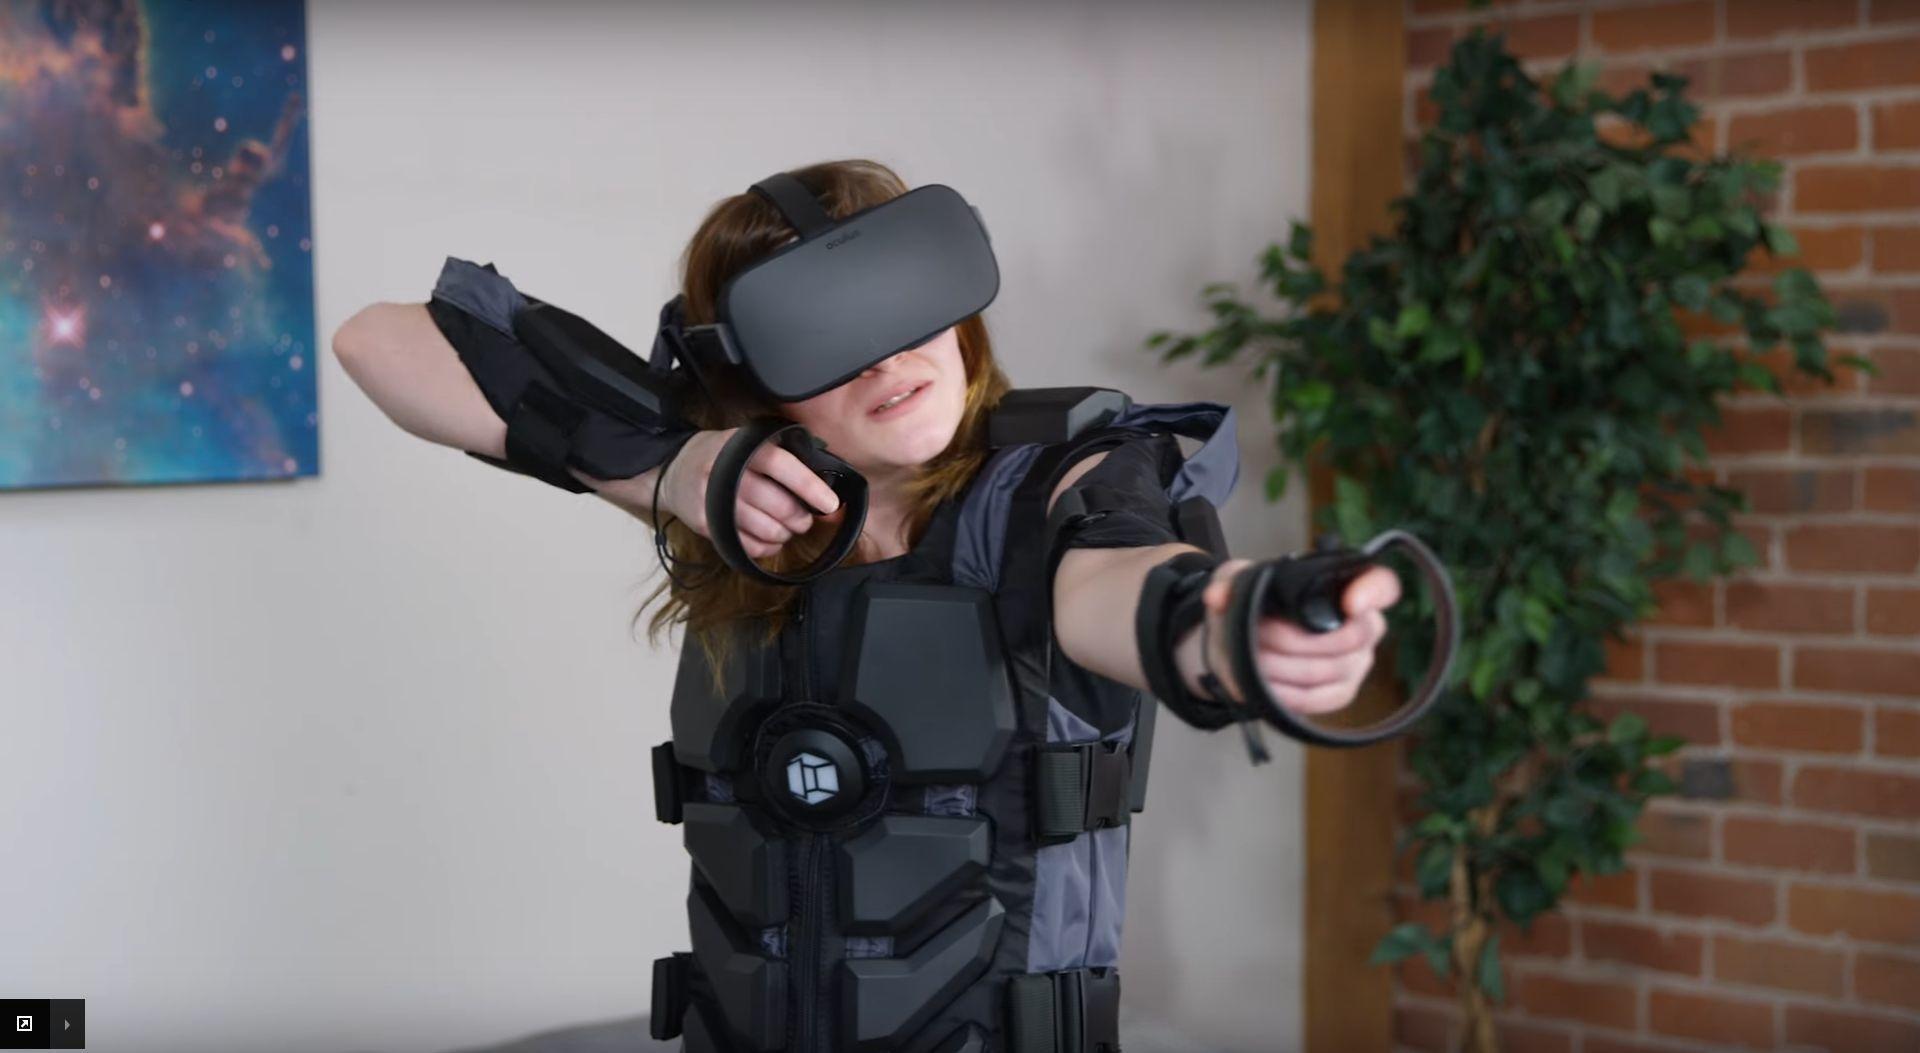 Denne drakten skal gjøre VR-opplevelsen komplett